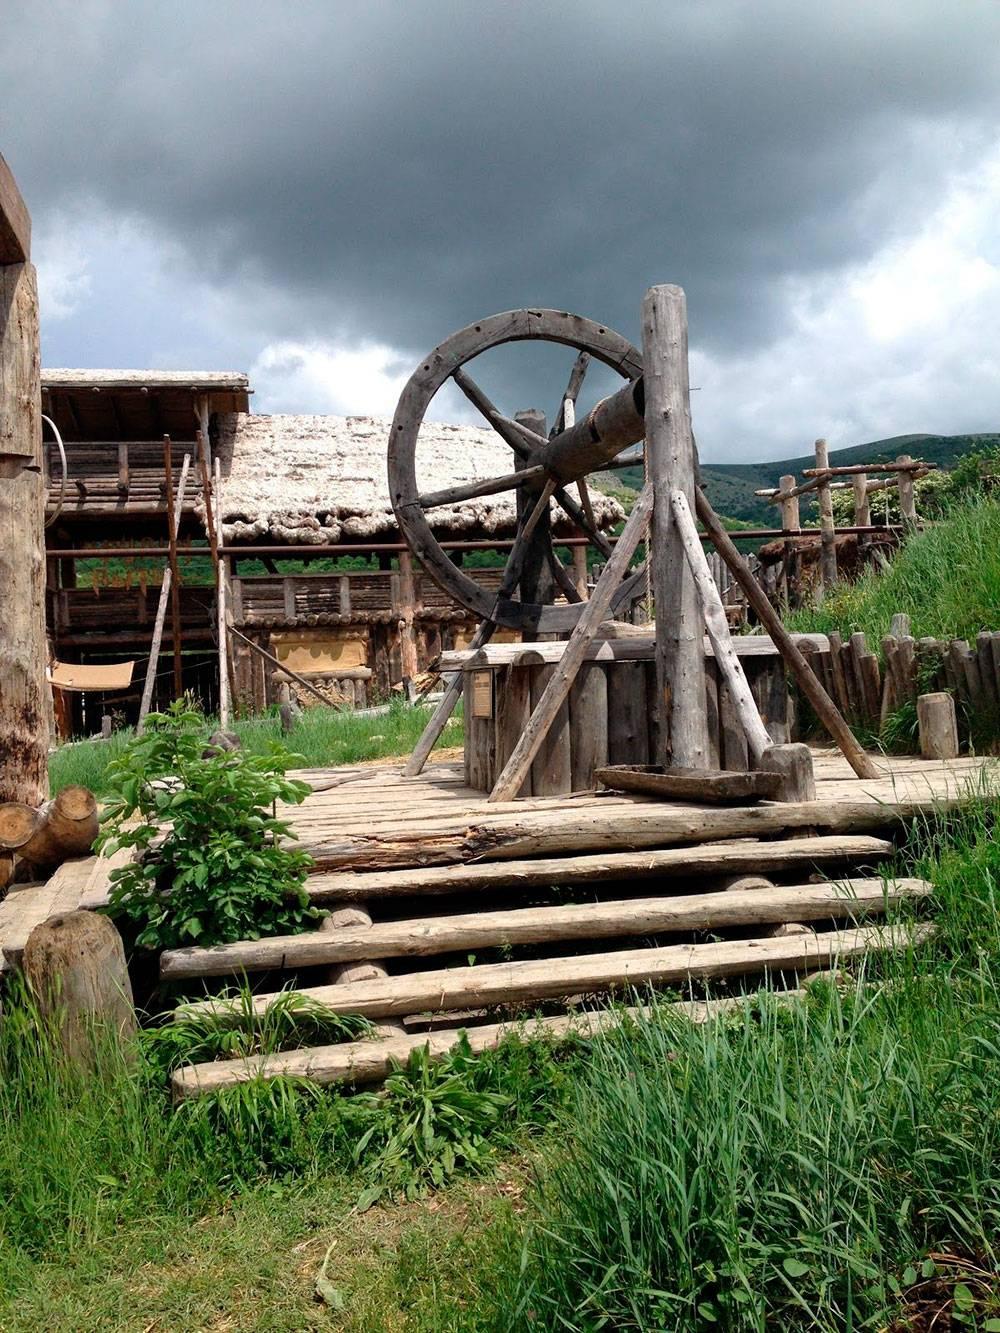 В парке «Викинг» использованы декорации, которые остались после реконструкции поселения эпохи раннего Средневековья длясъемок художественного фильма